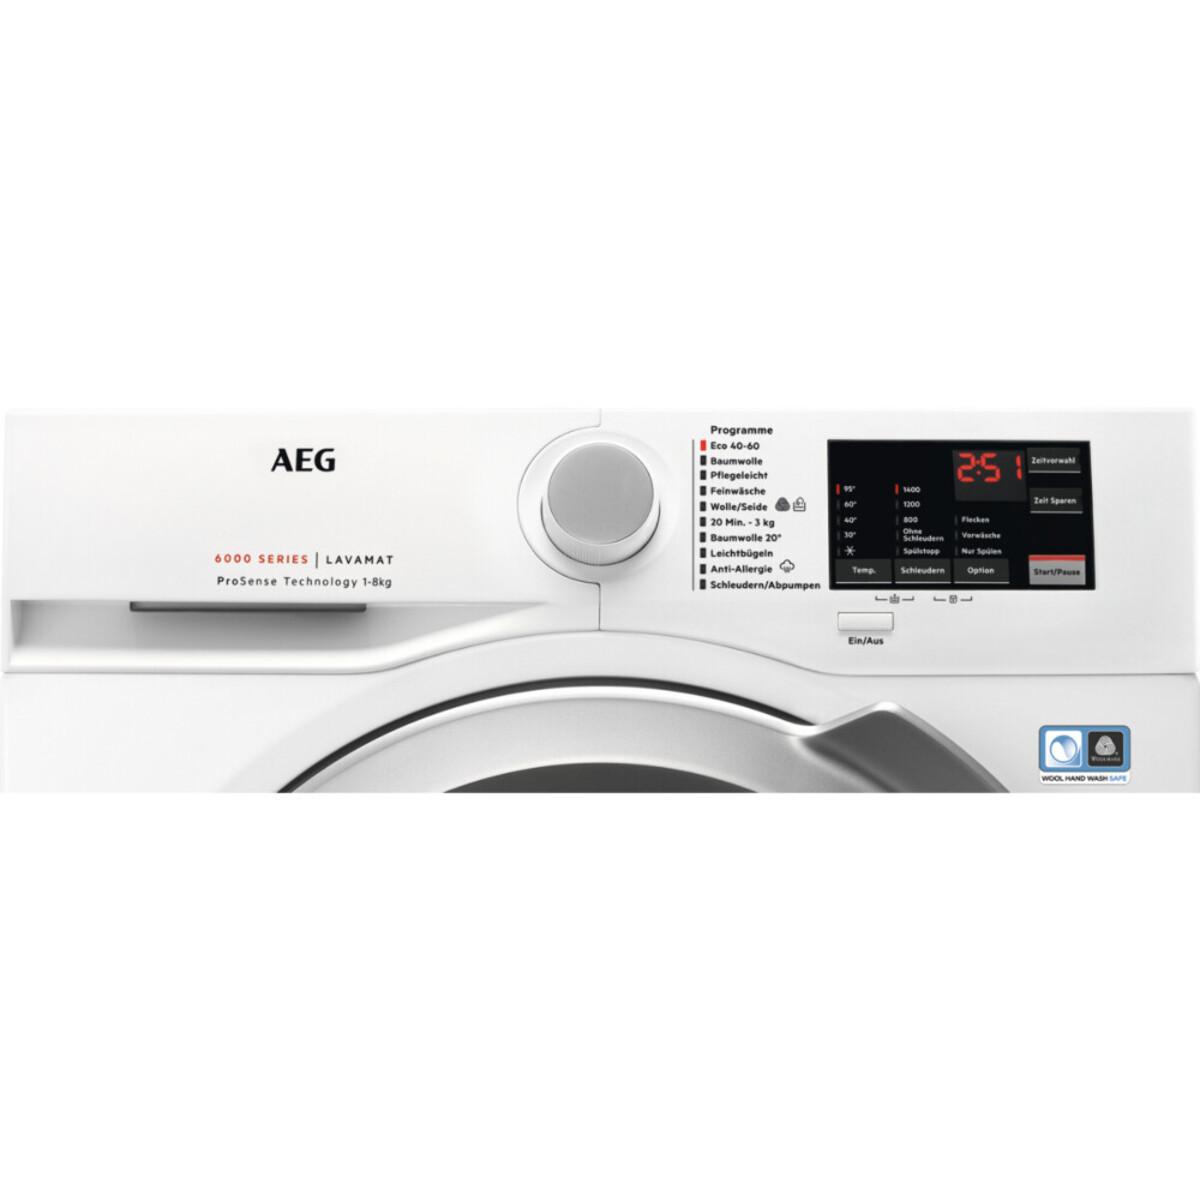 Bild 2 von AEG L6FL548EX Waschmaschine (Frontlader, freistehend, 8 kg, B, 1.351 U/Min, ÖKO LAVAMAT, Serie 6000)